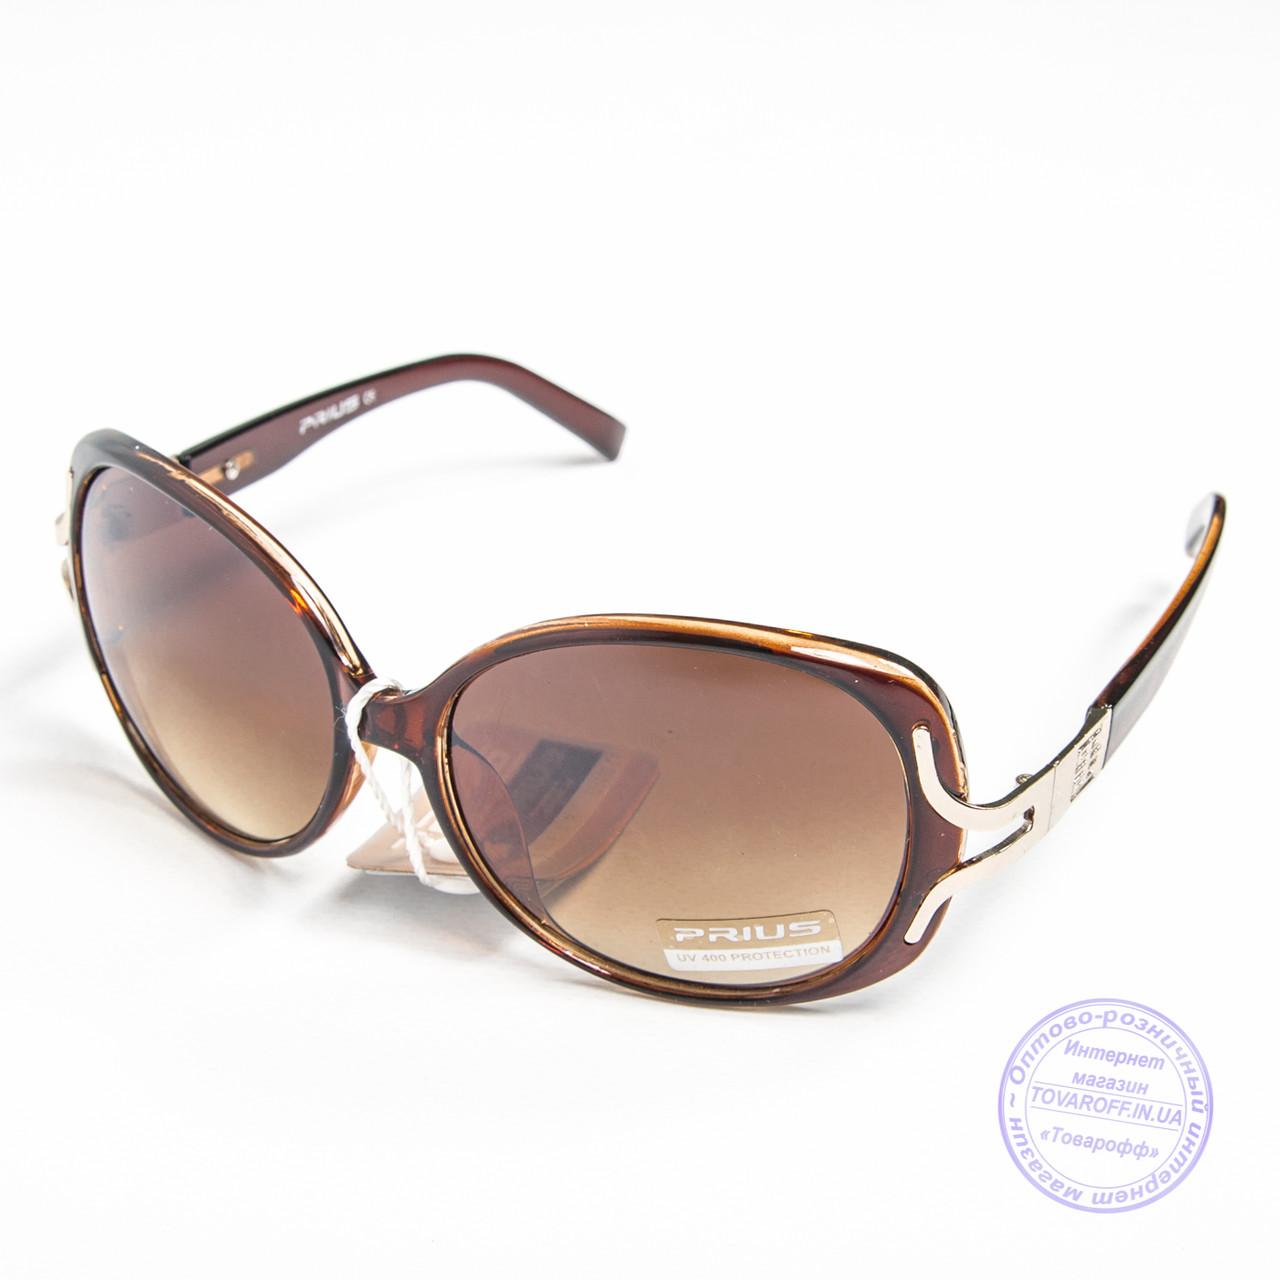 Розпродаж жіночих сонячних окулярів оптом - Коричневі - 3554